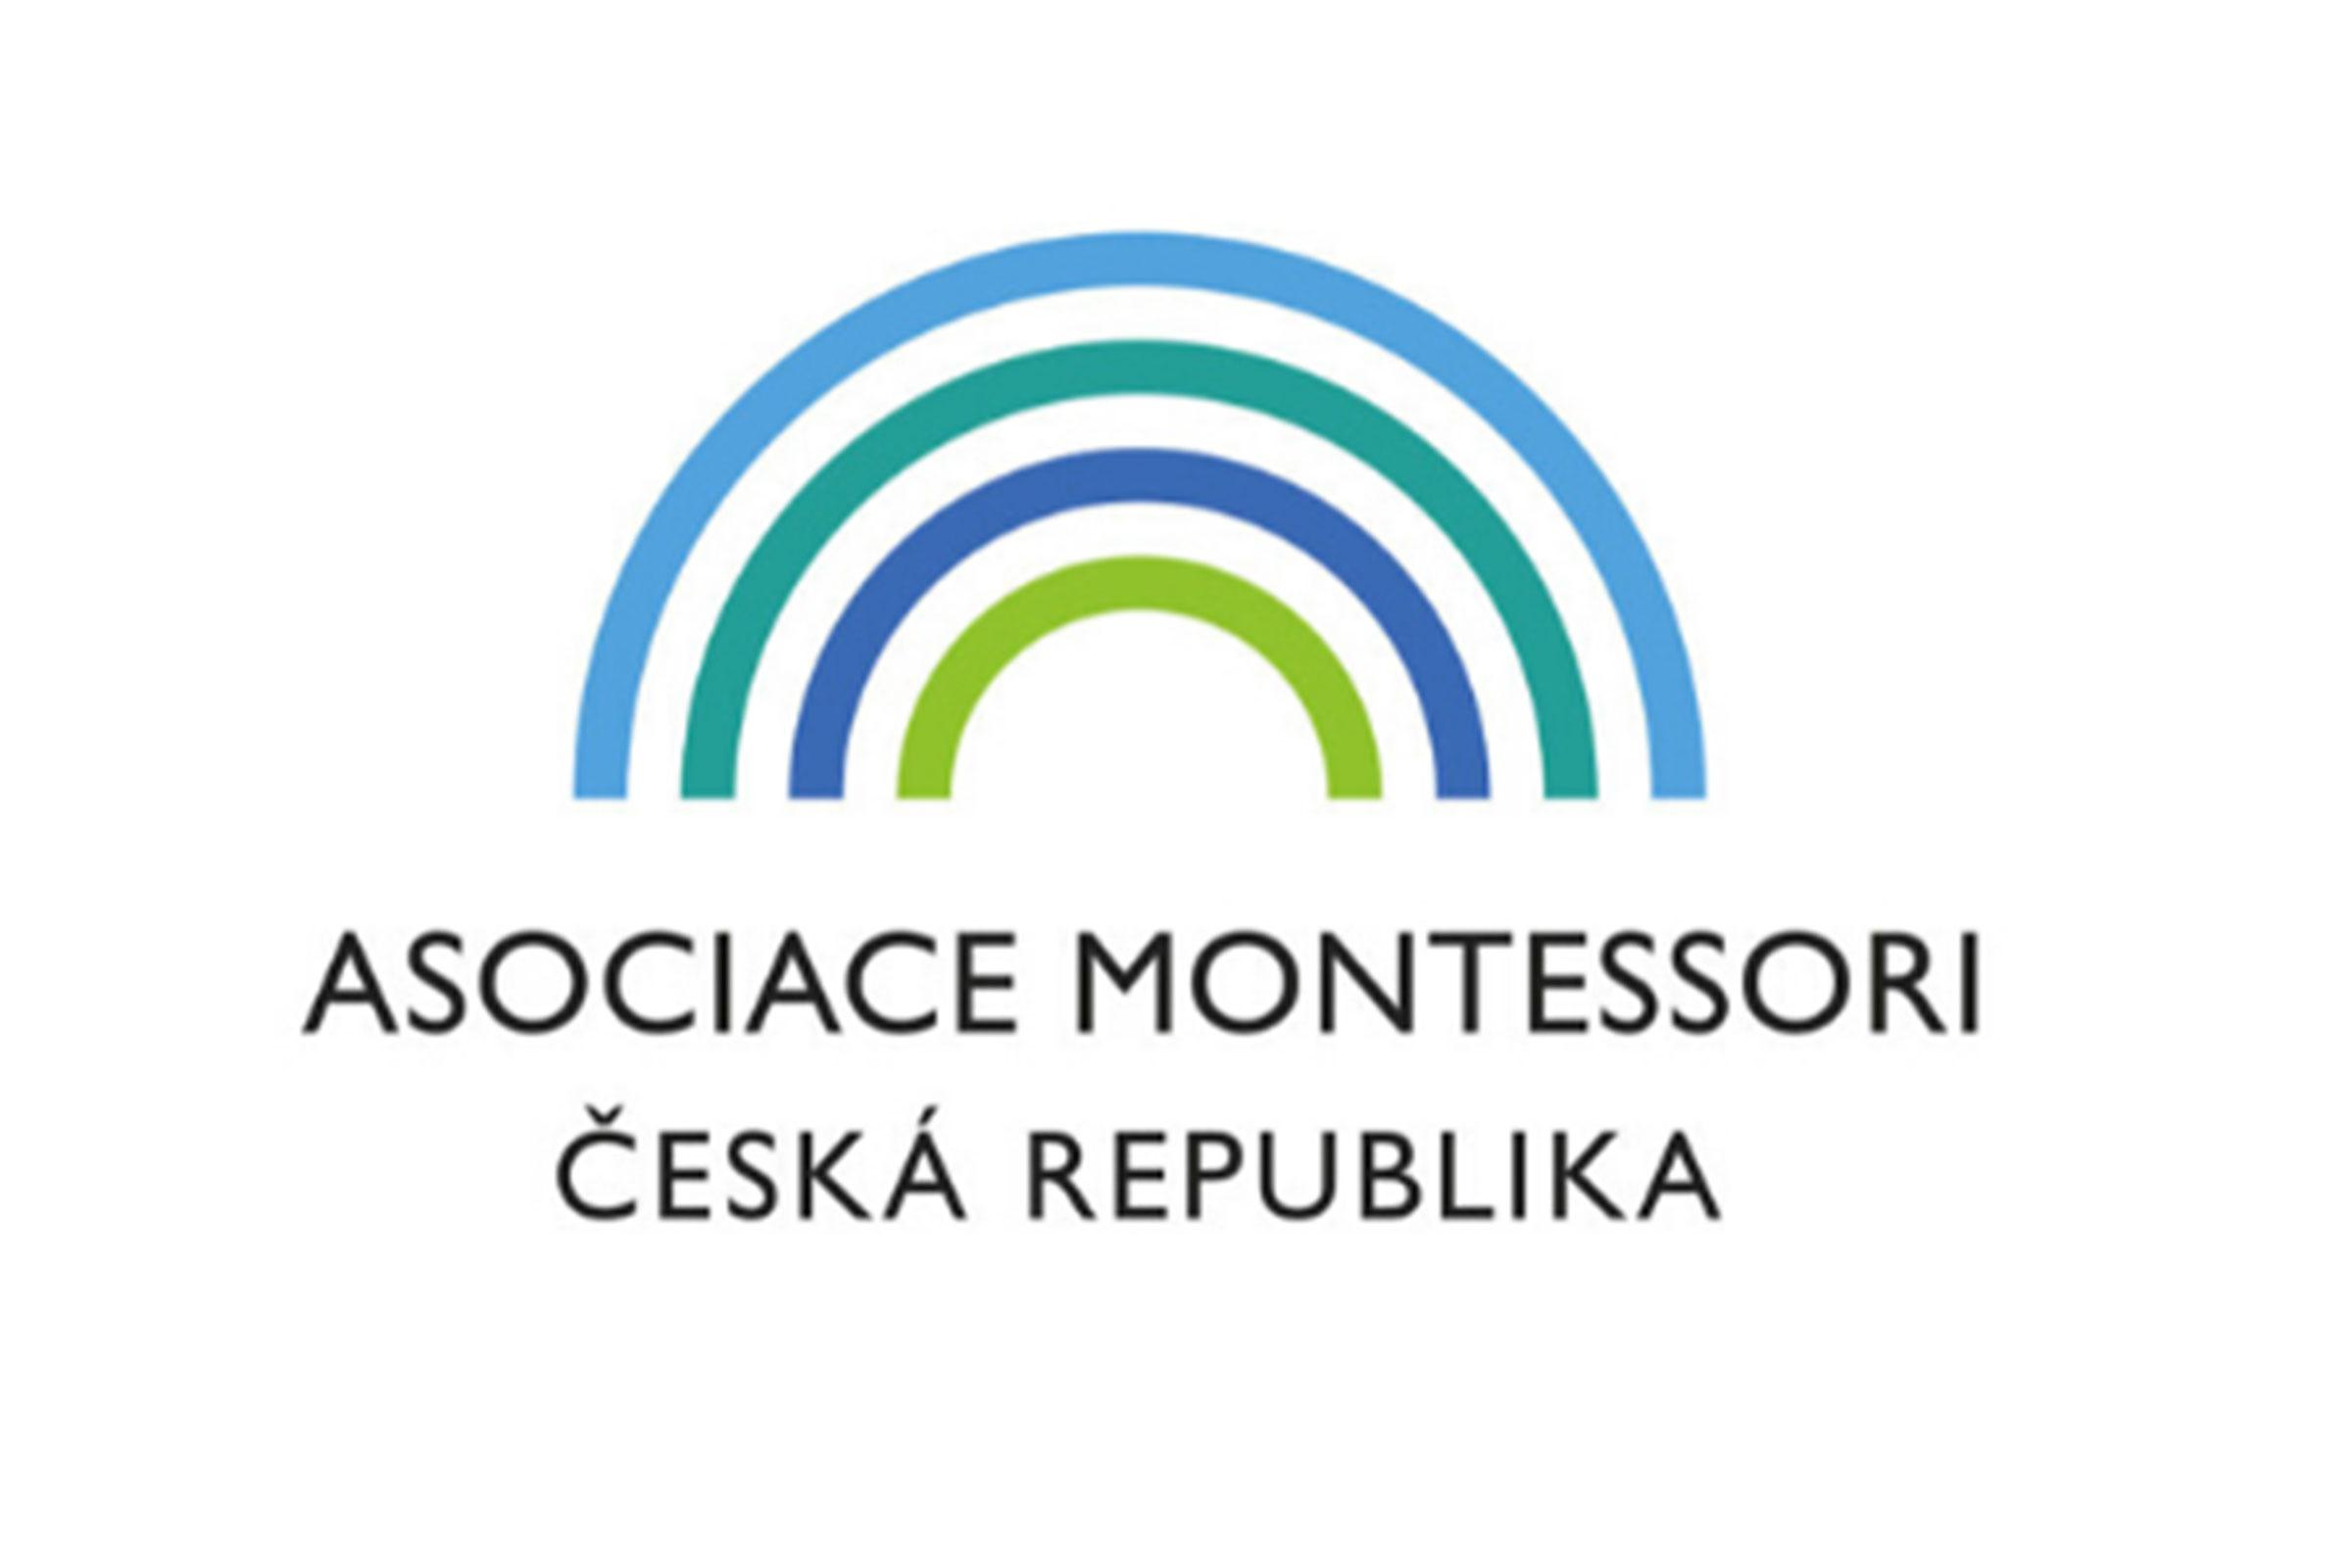 Asociace Montessori CR logo